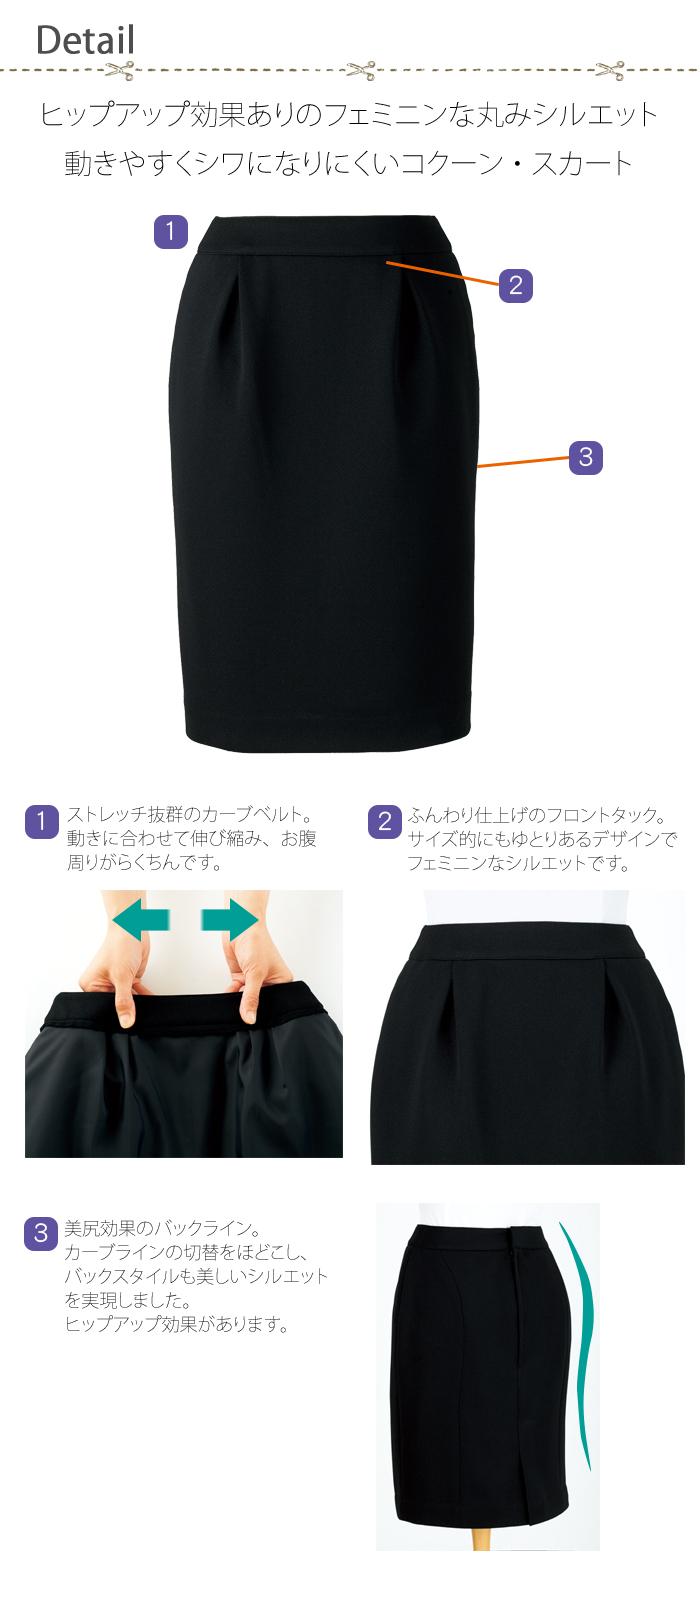 51690ニット素材のコクーンスカート  商品詳細説明